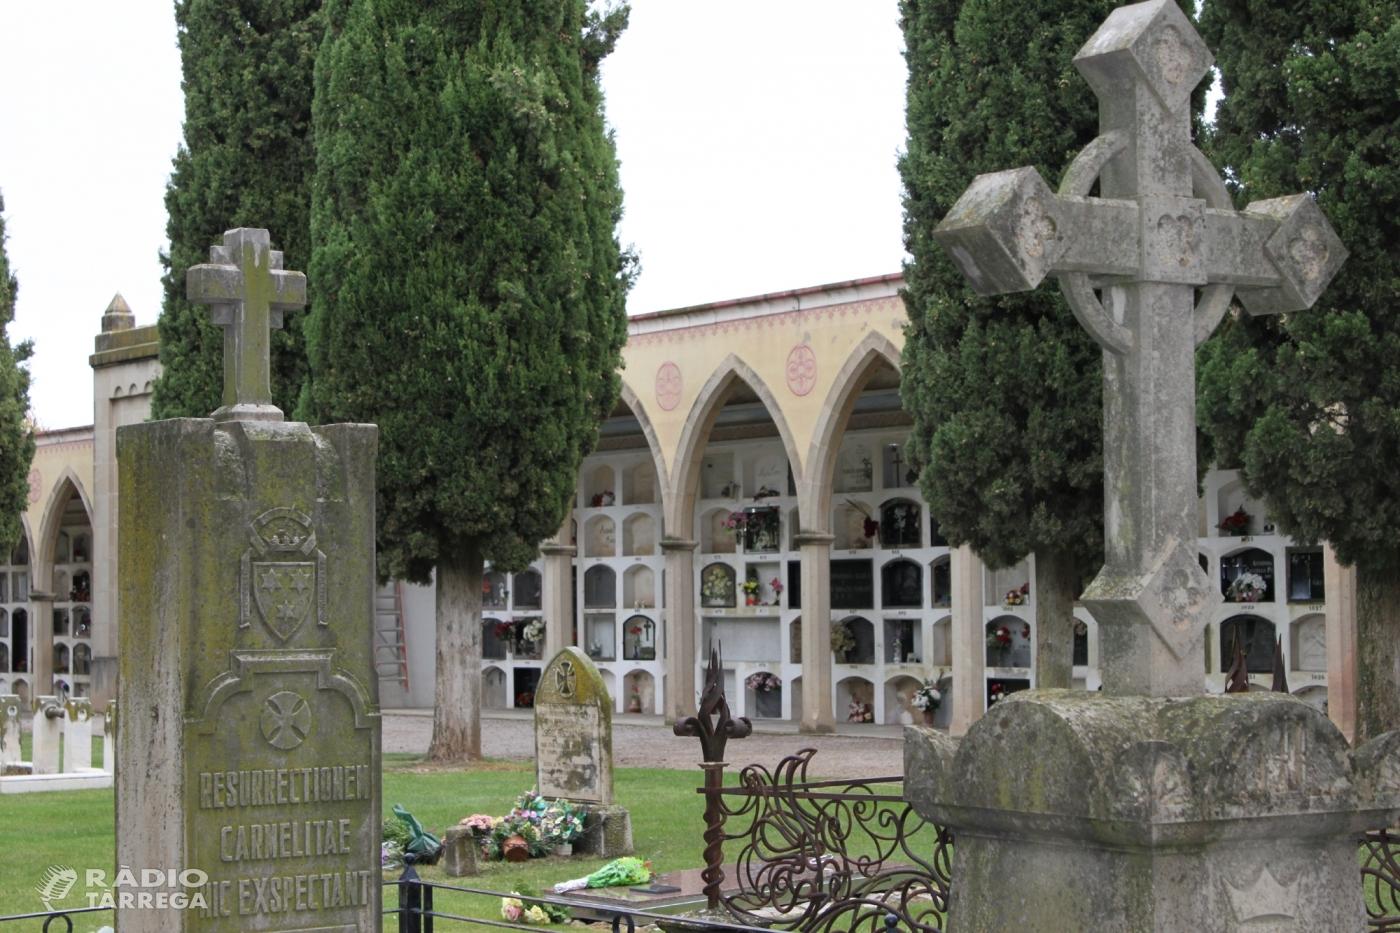 L'Ajuntament de Tàrrega aprova el projecte d'ampliació del cementiri municipal amb la construcció de 90 nous nínxols